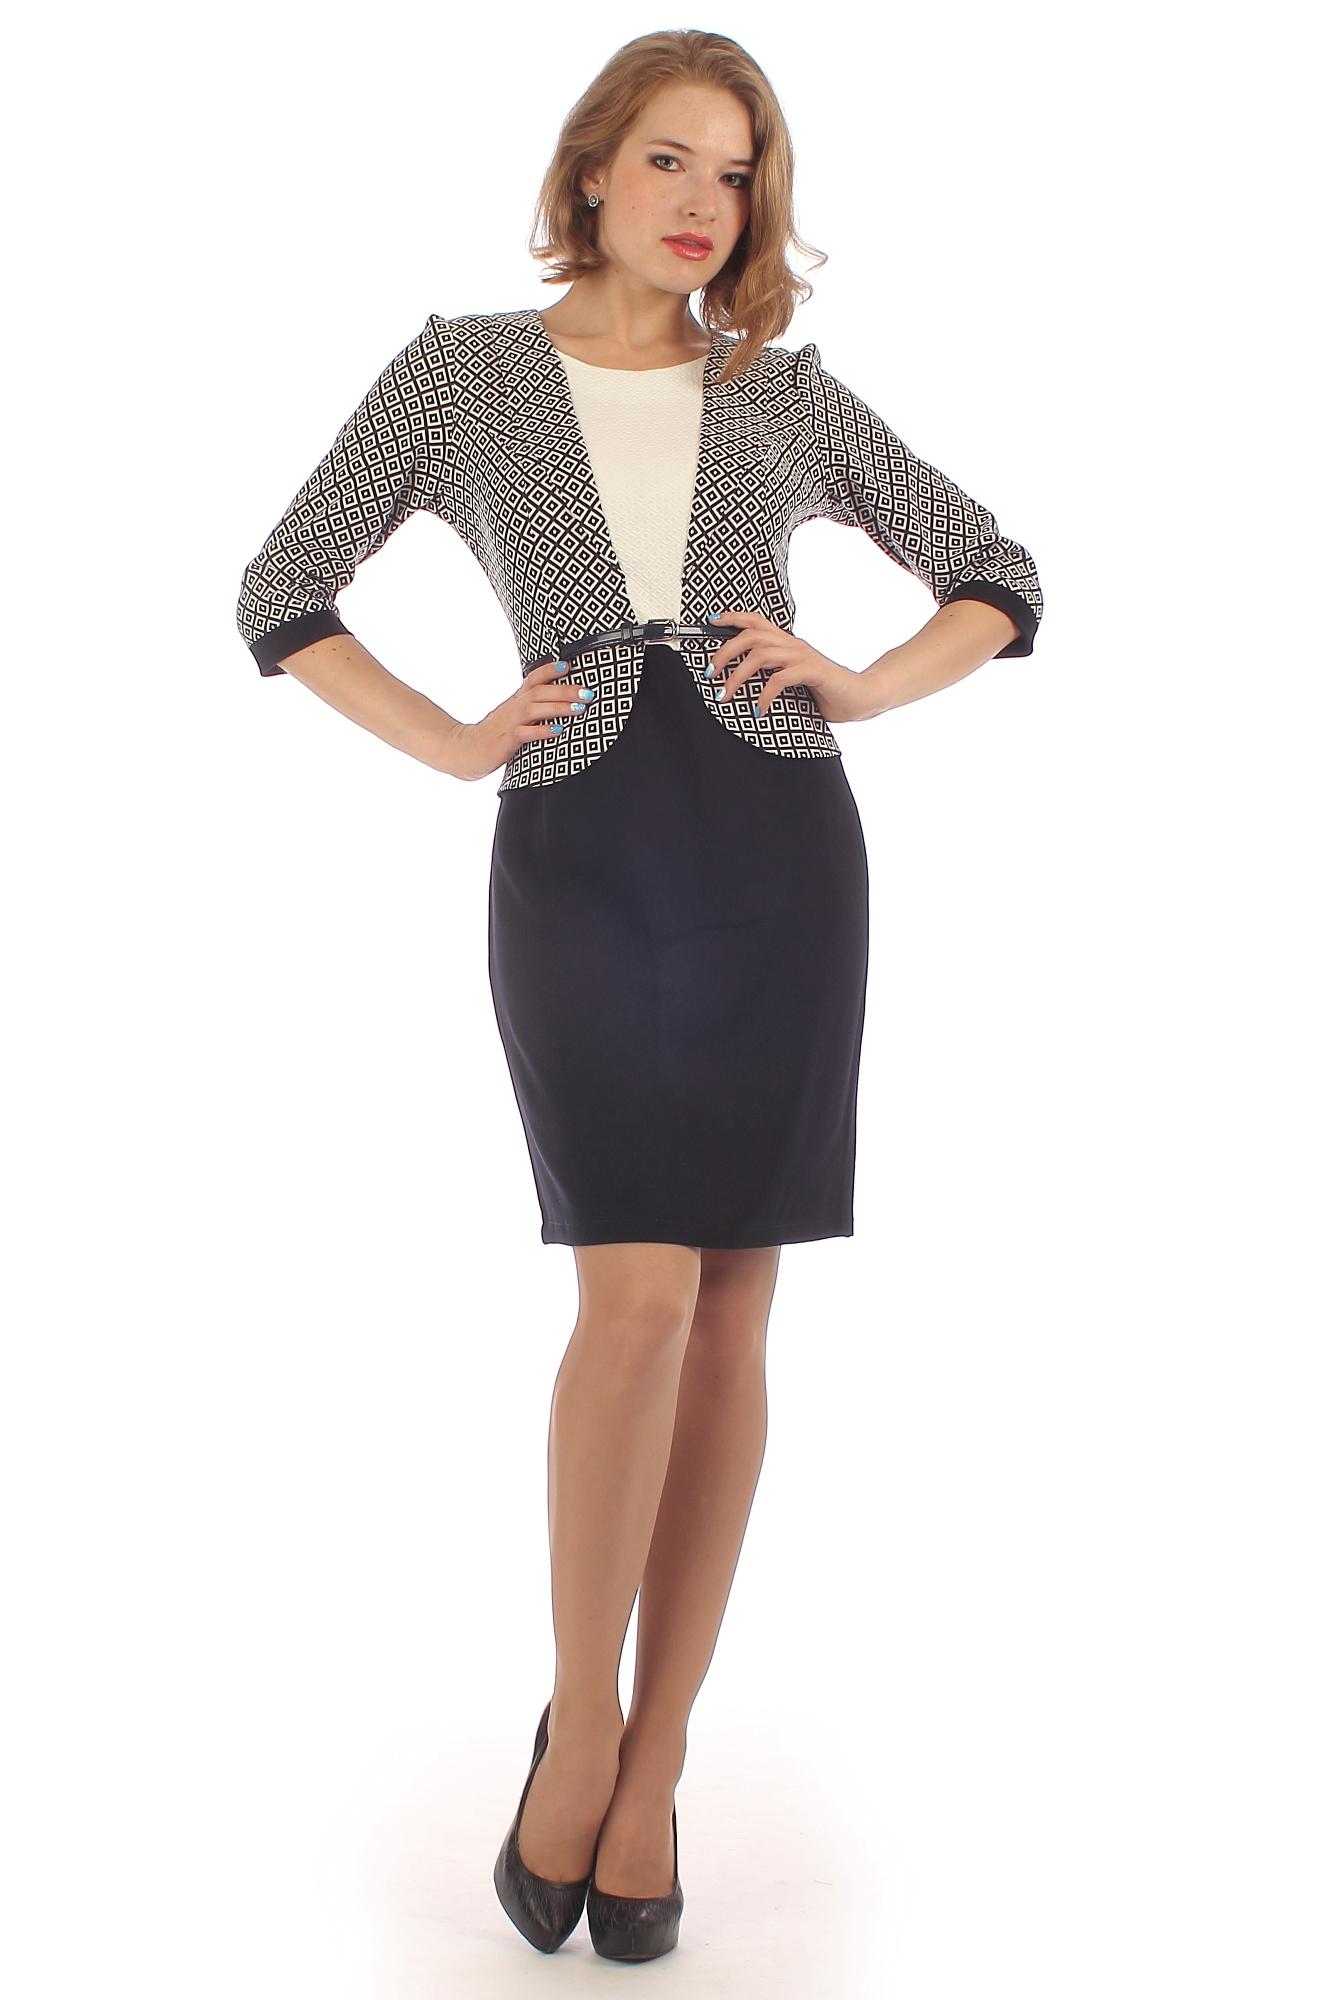 Сбор заказов. Модная одежда Lamiavita и Ако Дизайн. Огромный выбор платьев, блузок, юбок, туник. Новая весенняя